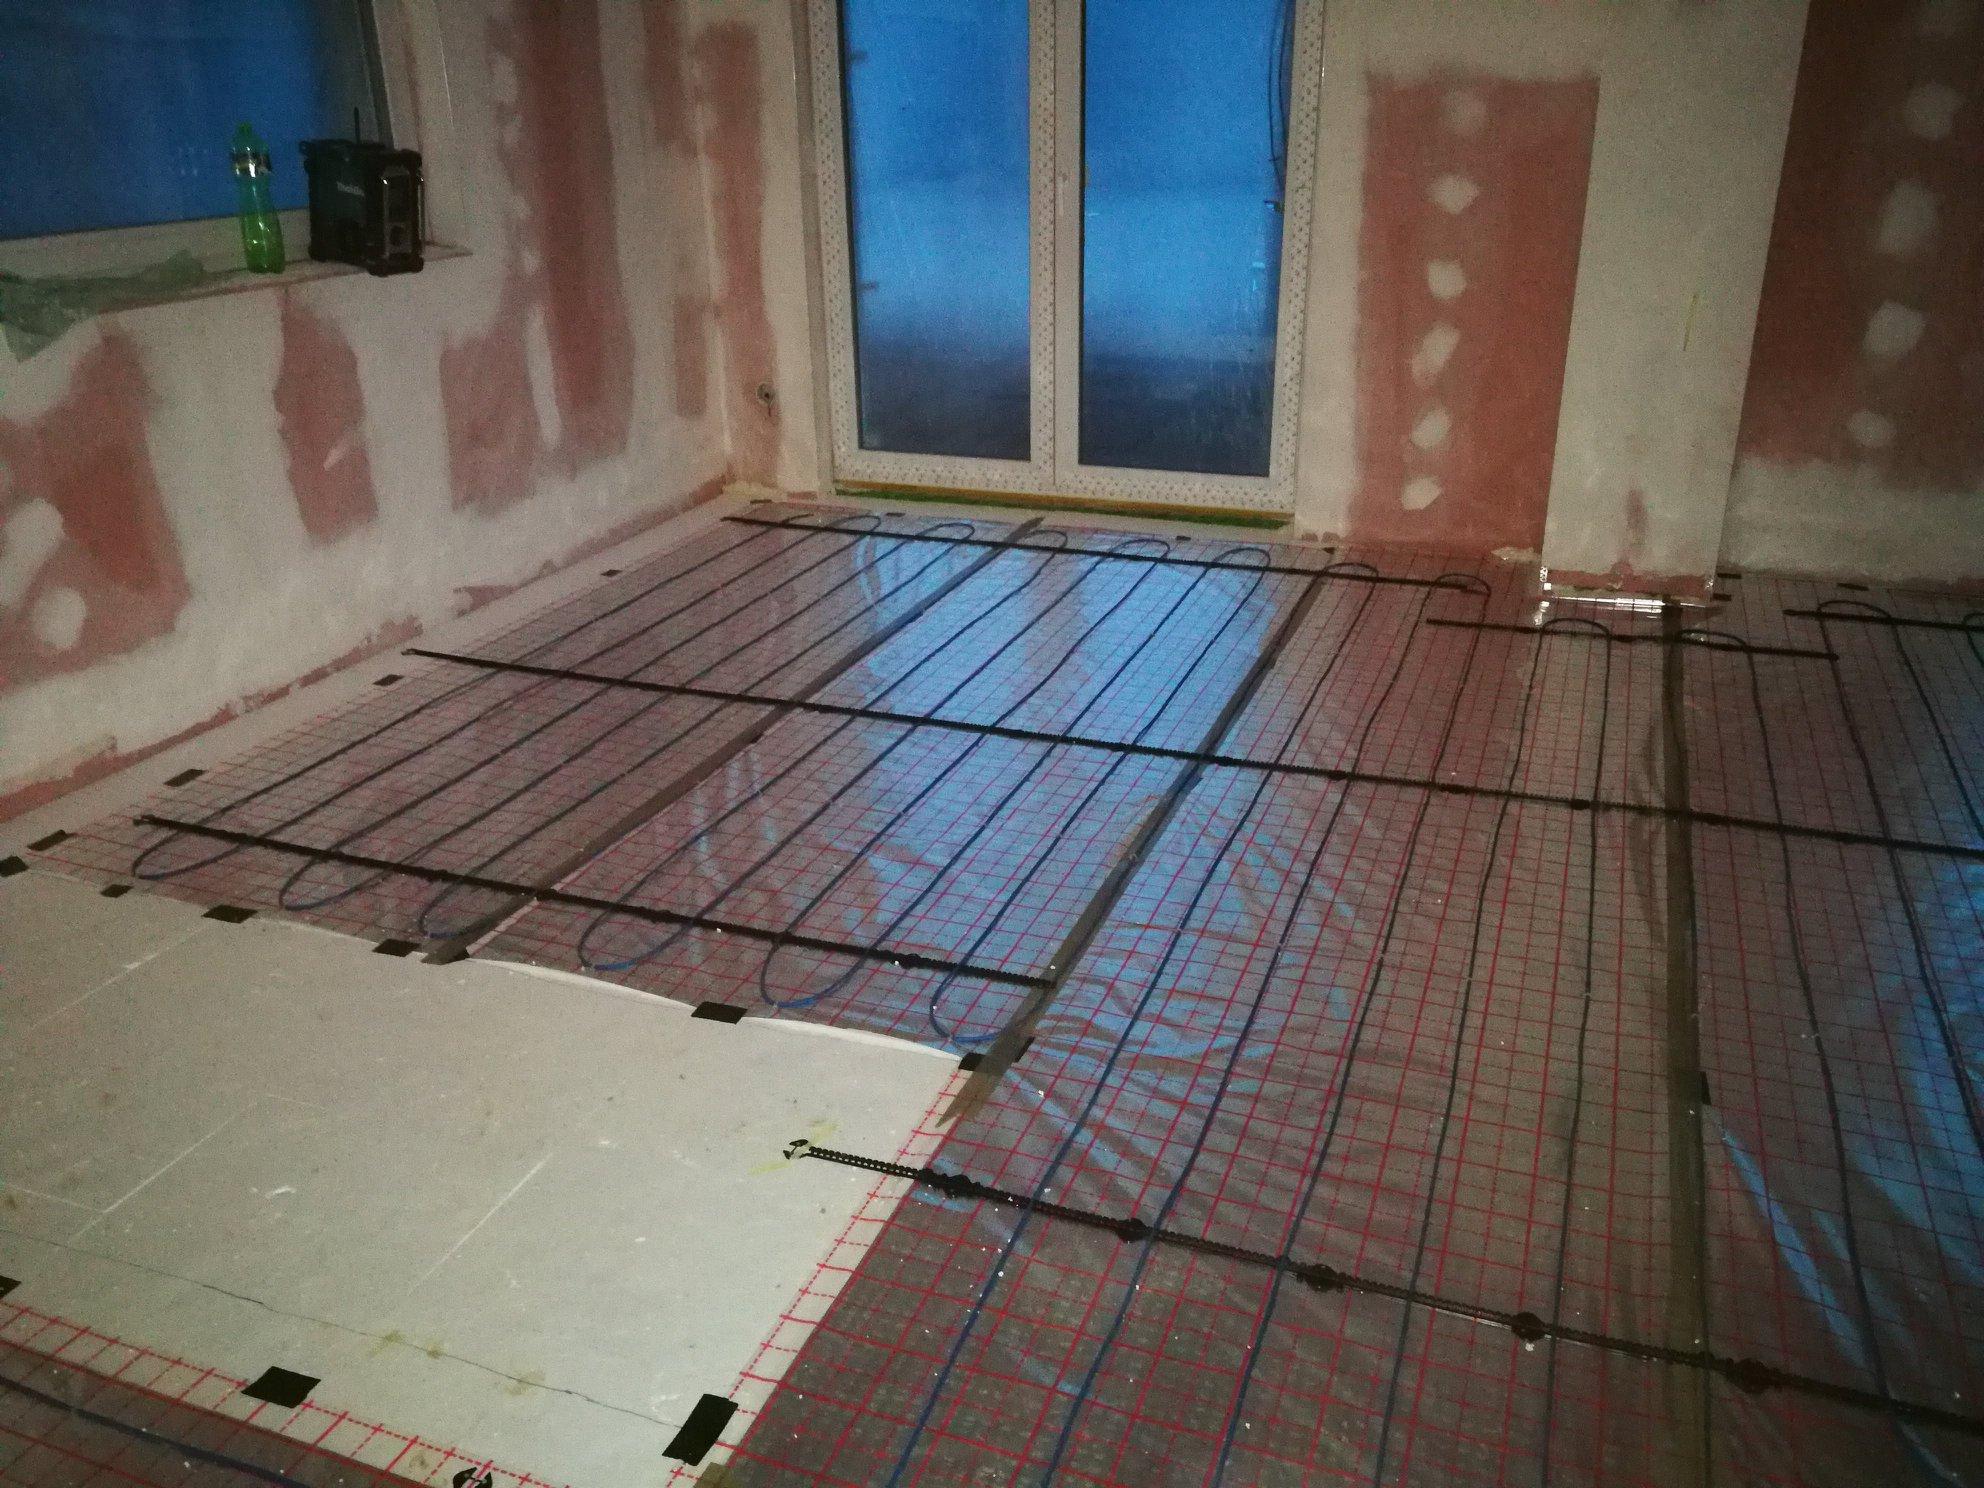 Dodávka a montáž elektrického podlahového topení od firmy Raychem v novostavbě rodinného domu ve Světnově.